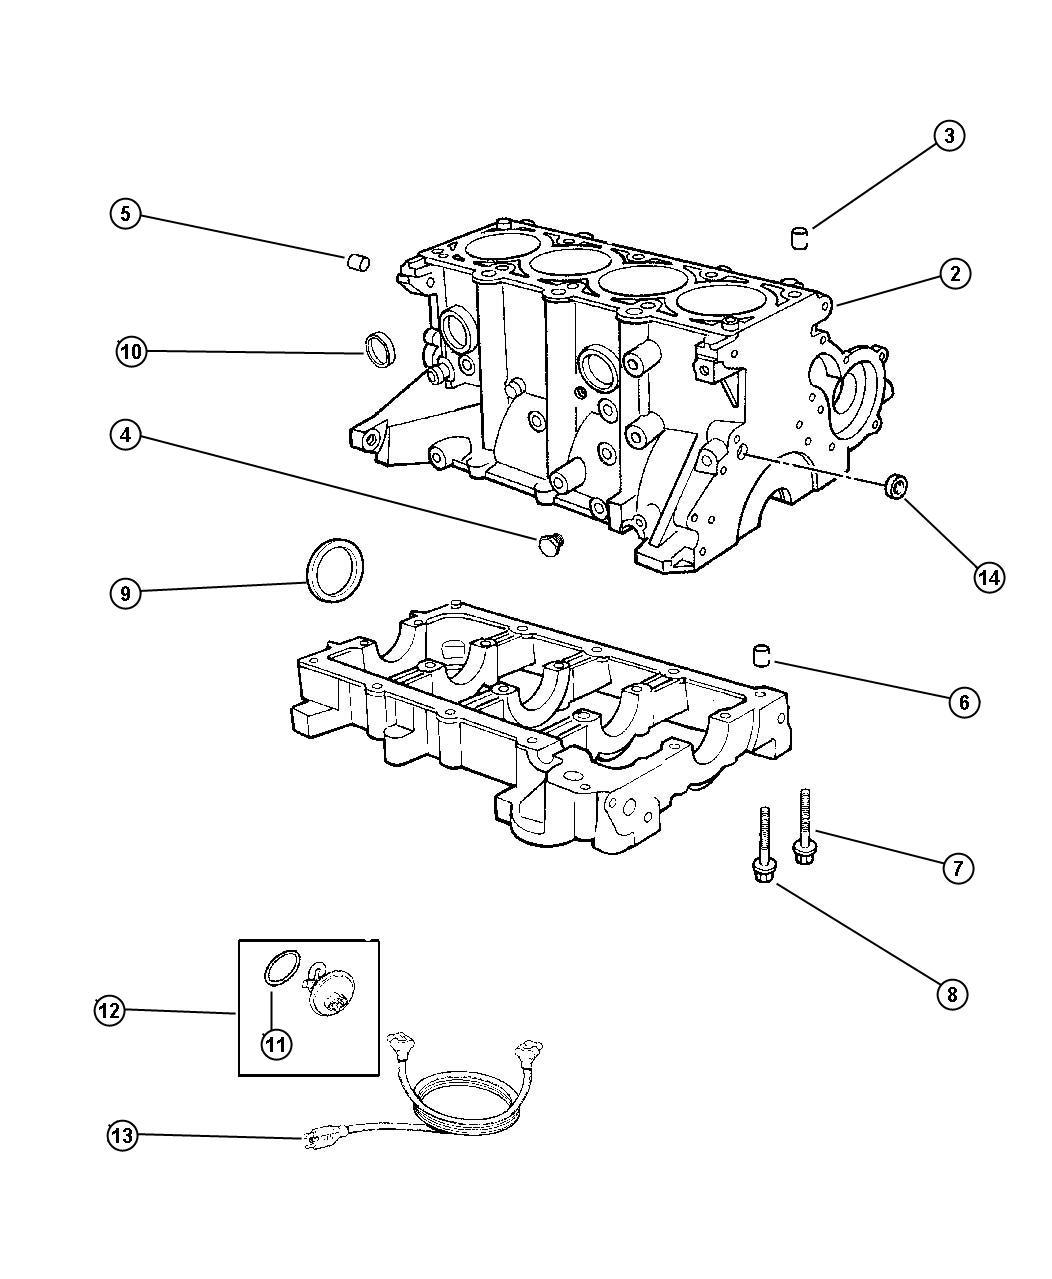 Chrysler Sebring Block. Short. Mpi, dohc, cylinder